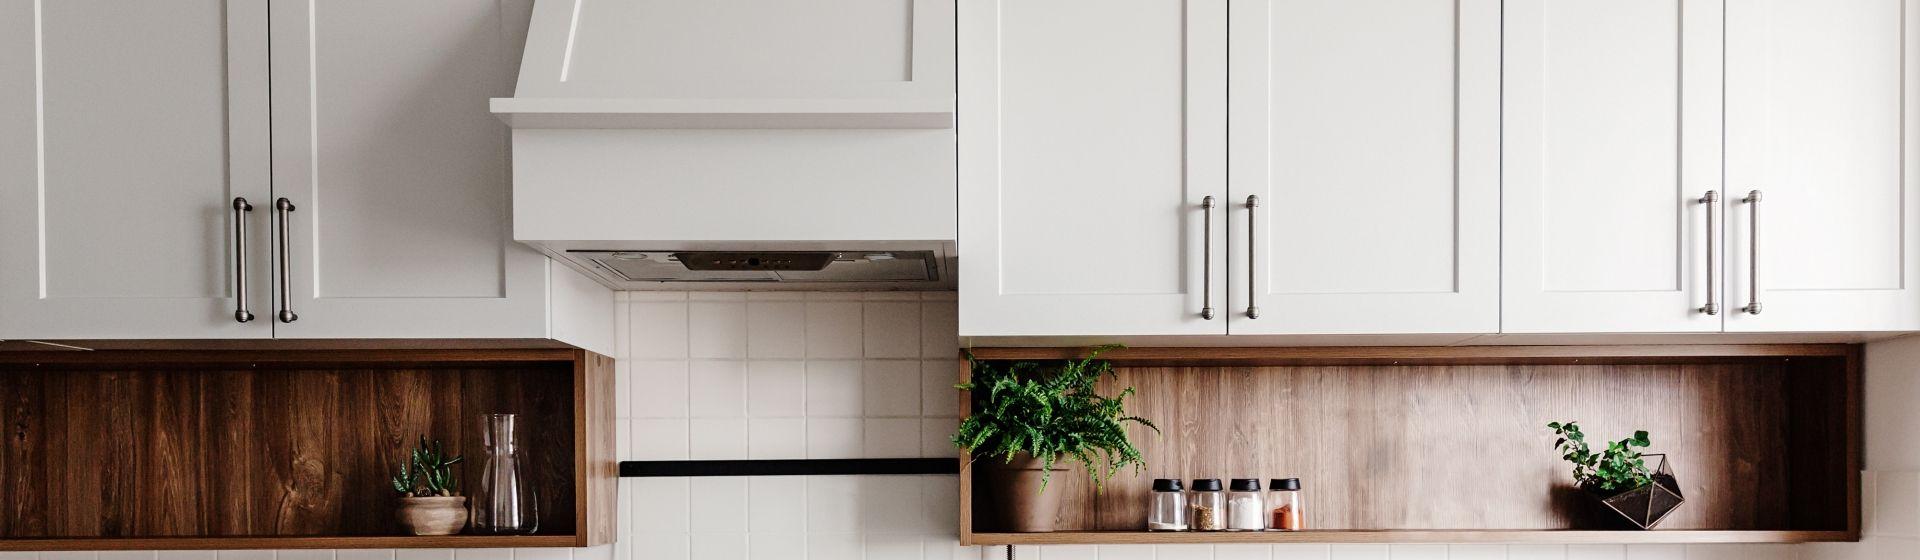 Armários de cozinha superiores brancos com puxadores pretos em cima de nichos de madeira com plantas e temperos